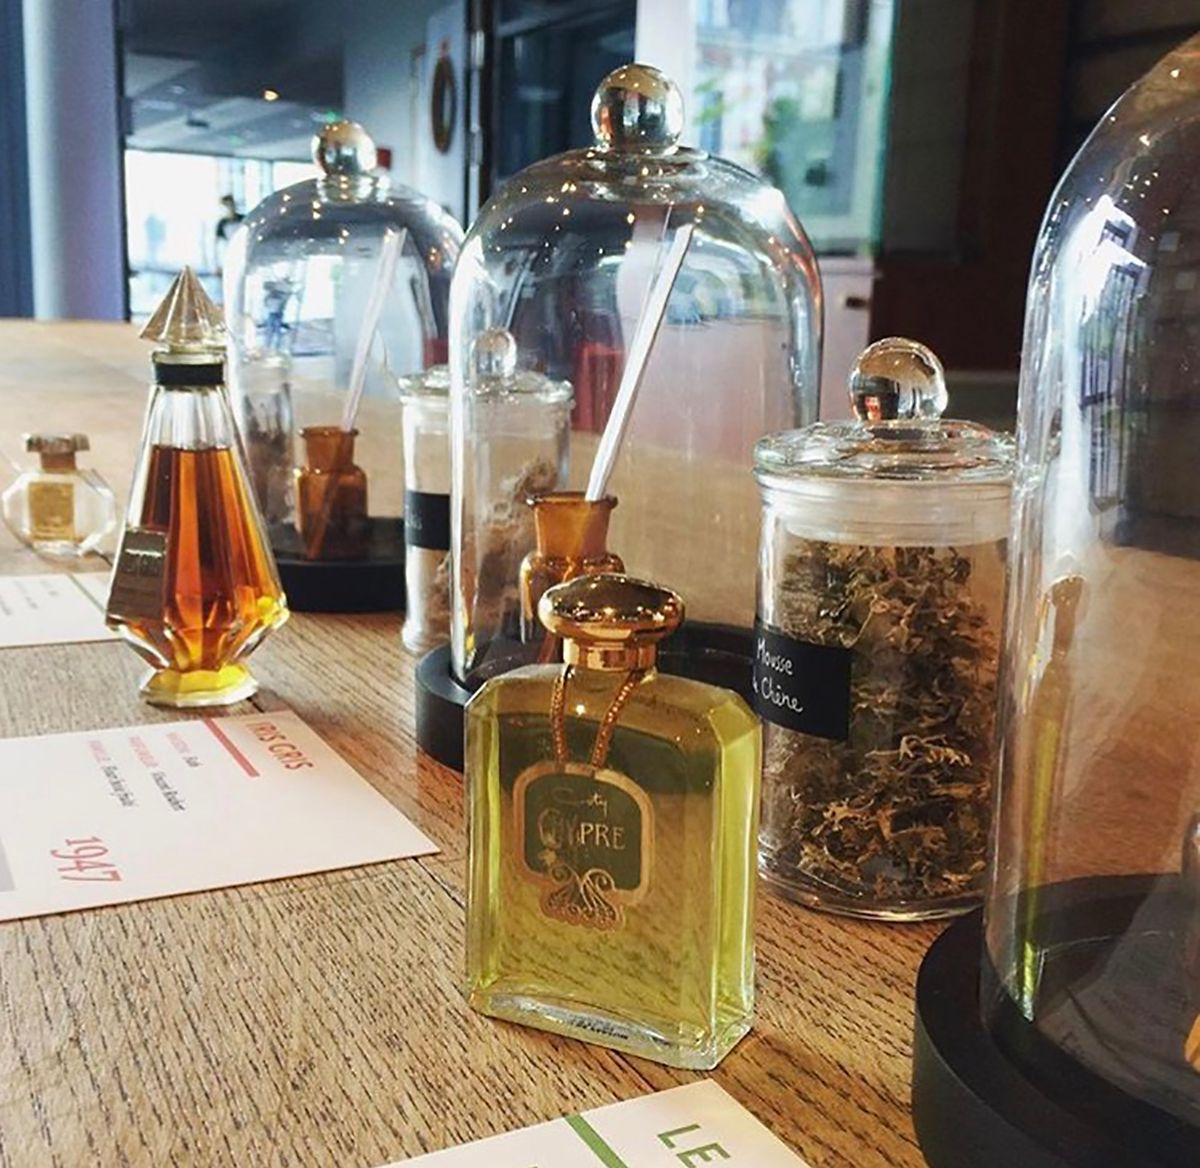 Mithilfe der zur Verfügung stehenden Formeln, lassen sich viele Parfums auch Jahrhunderte nach ihrem Verschwinden rekonstruieren.